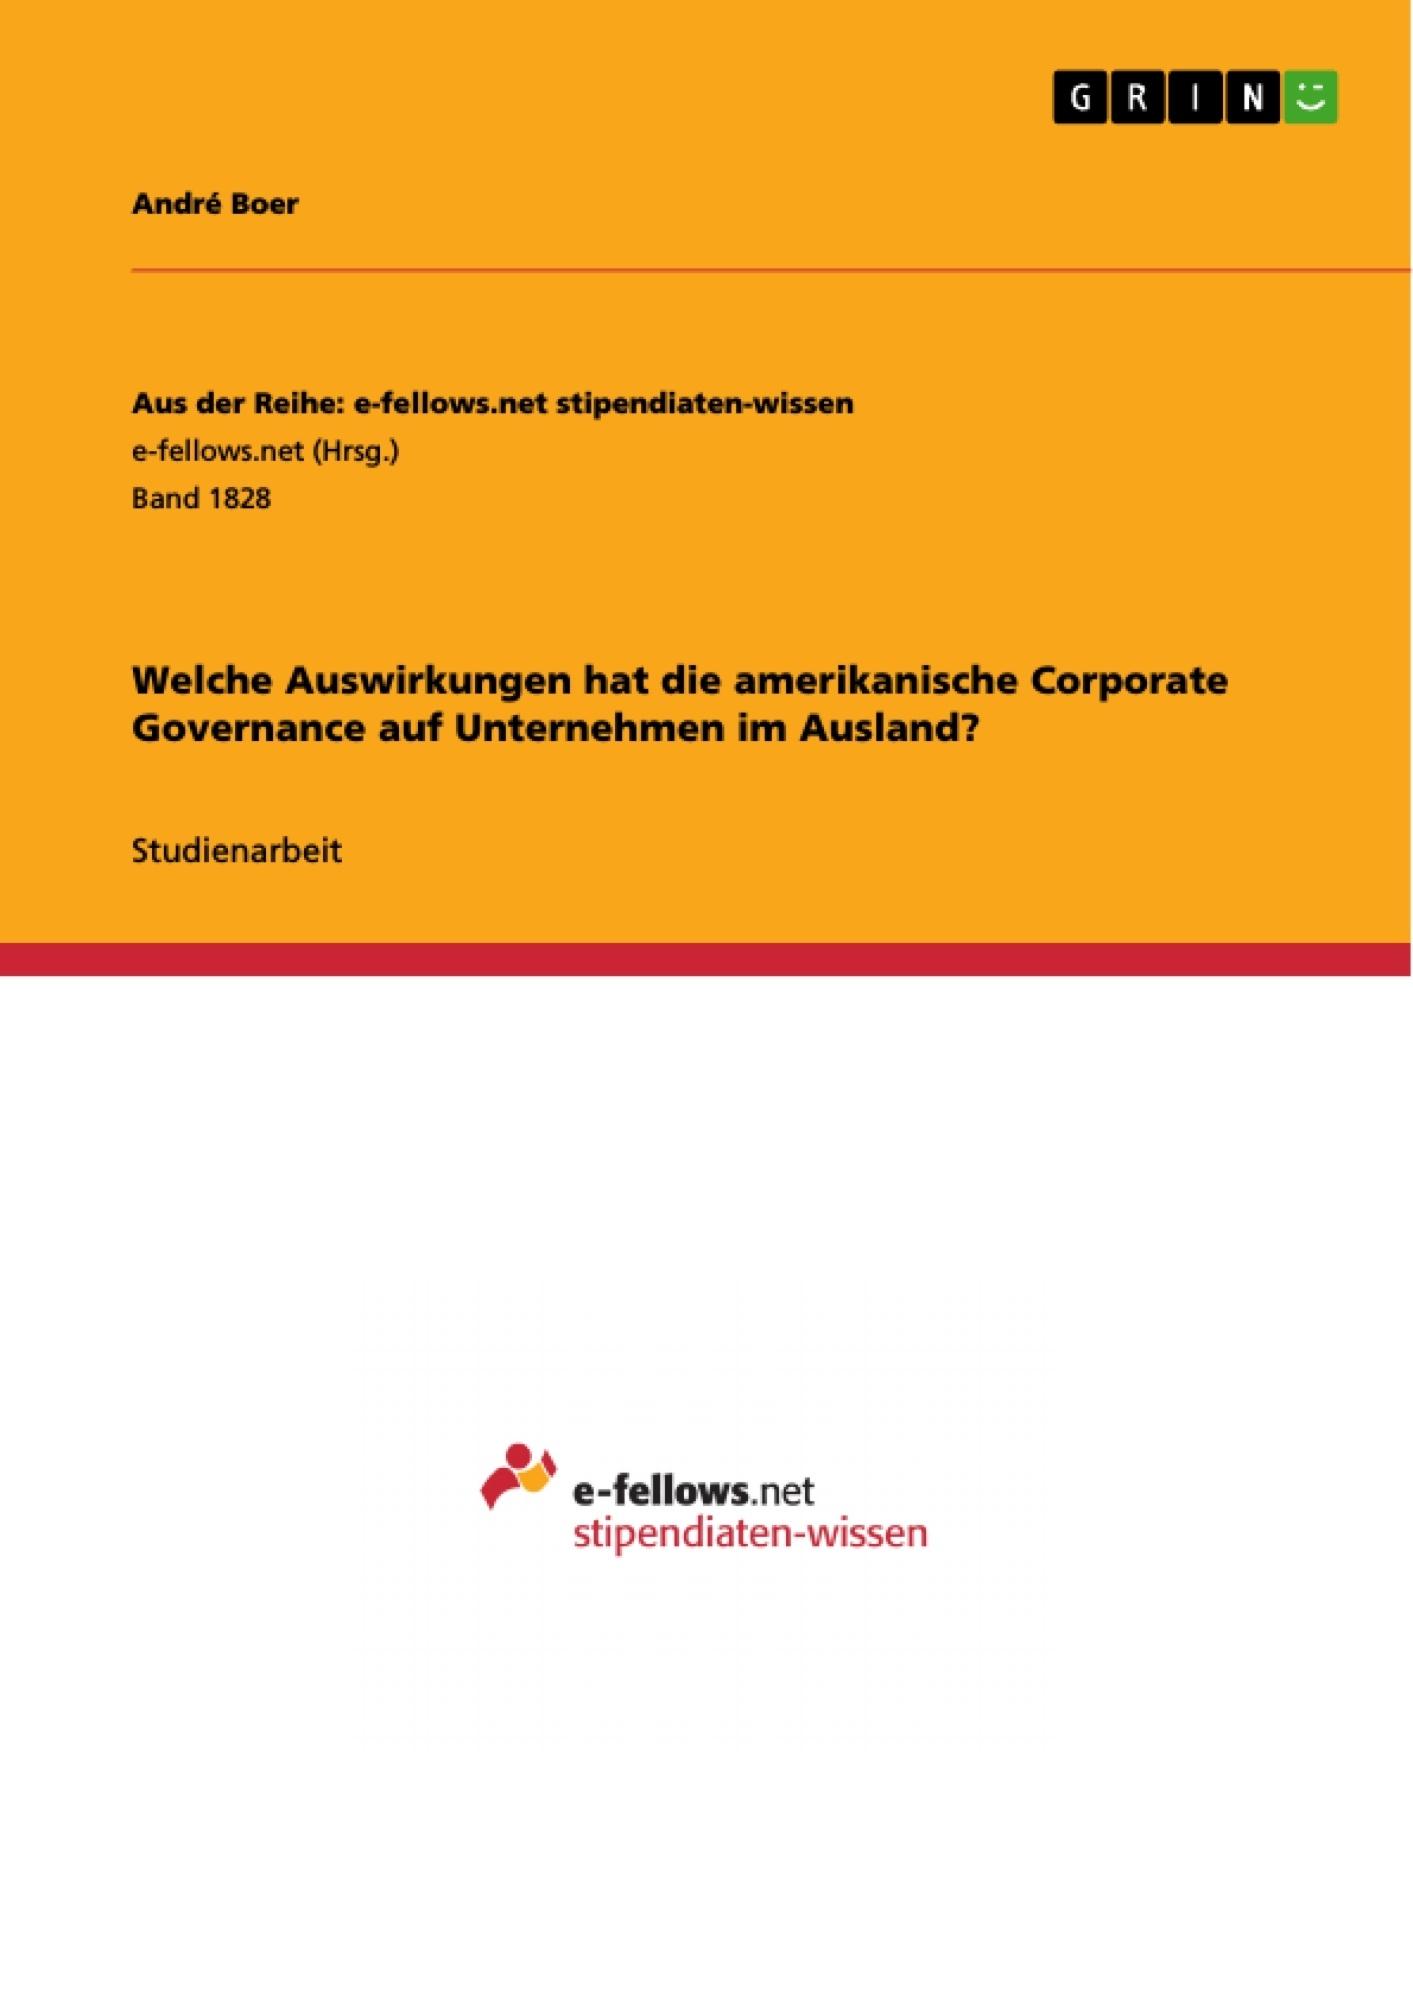 Titel: Welche Auswirkungen hat die amerikanische Corporate Governance auf Unternehmen im Ausland?